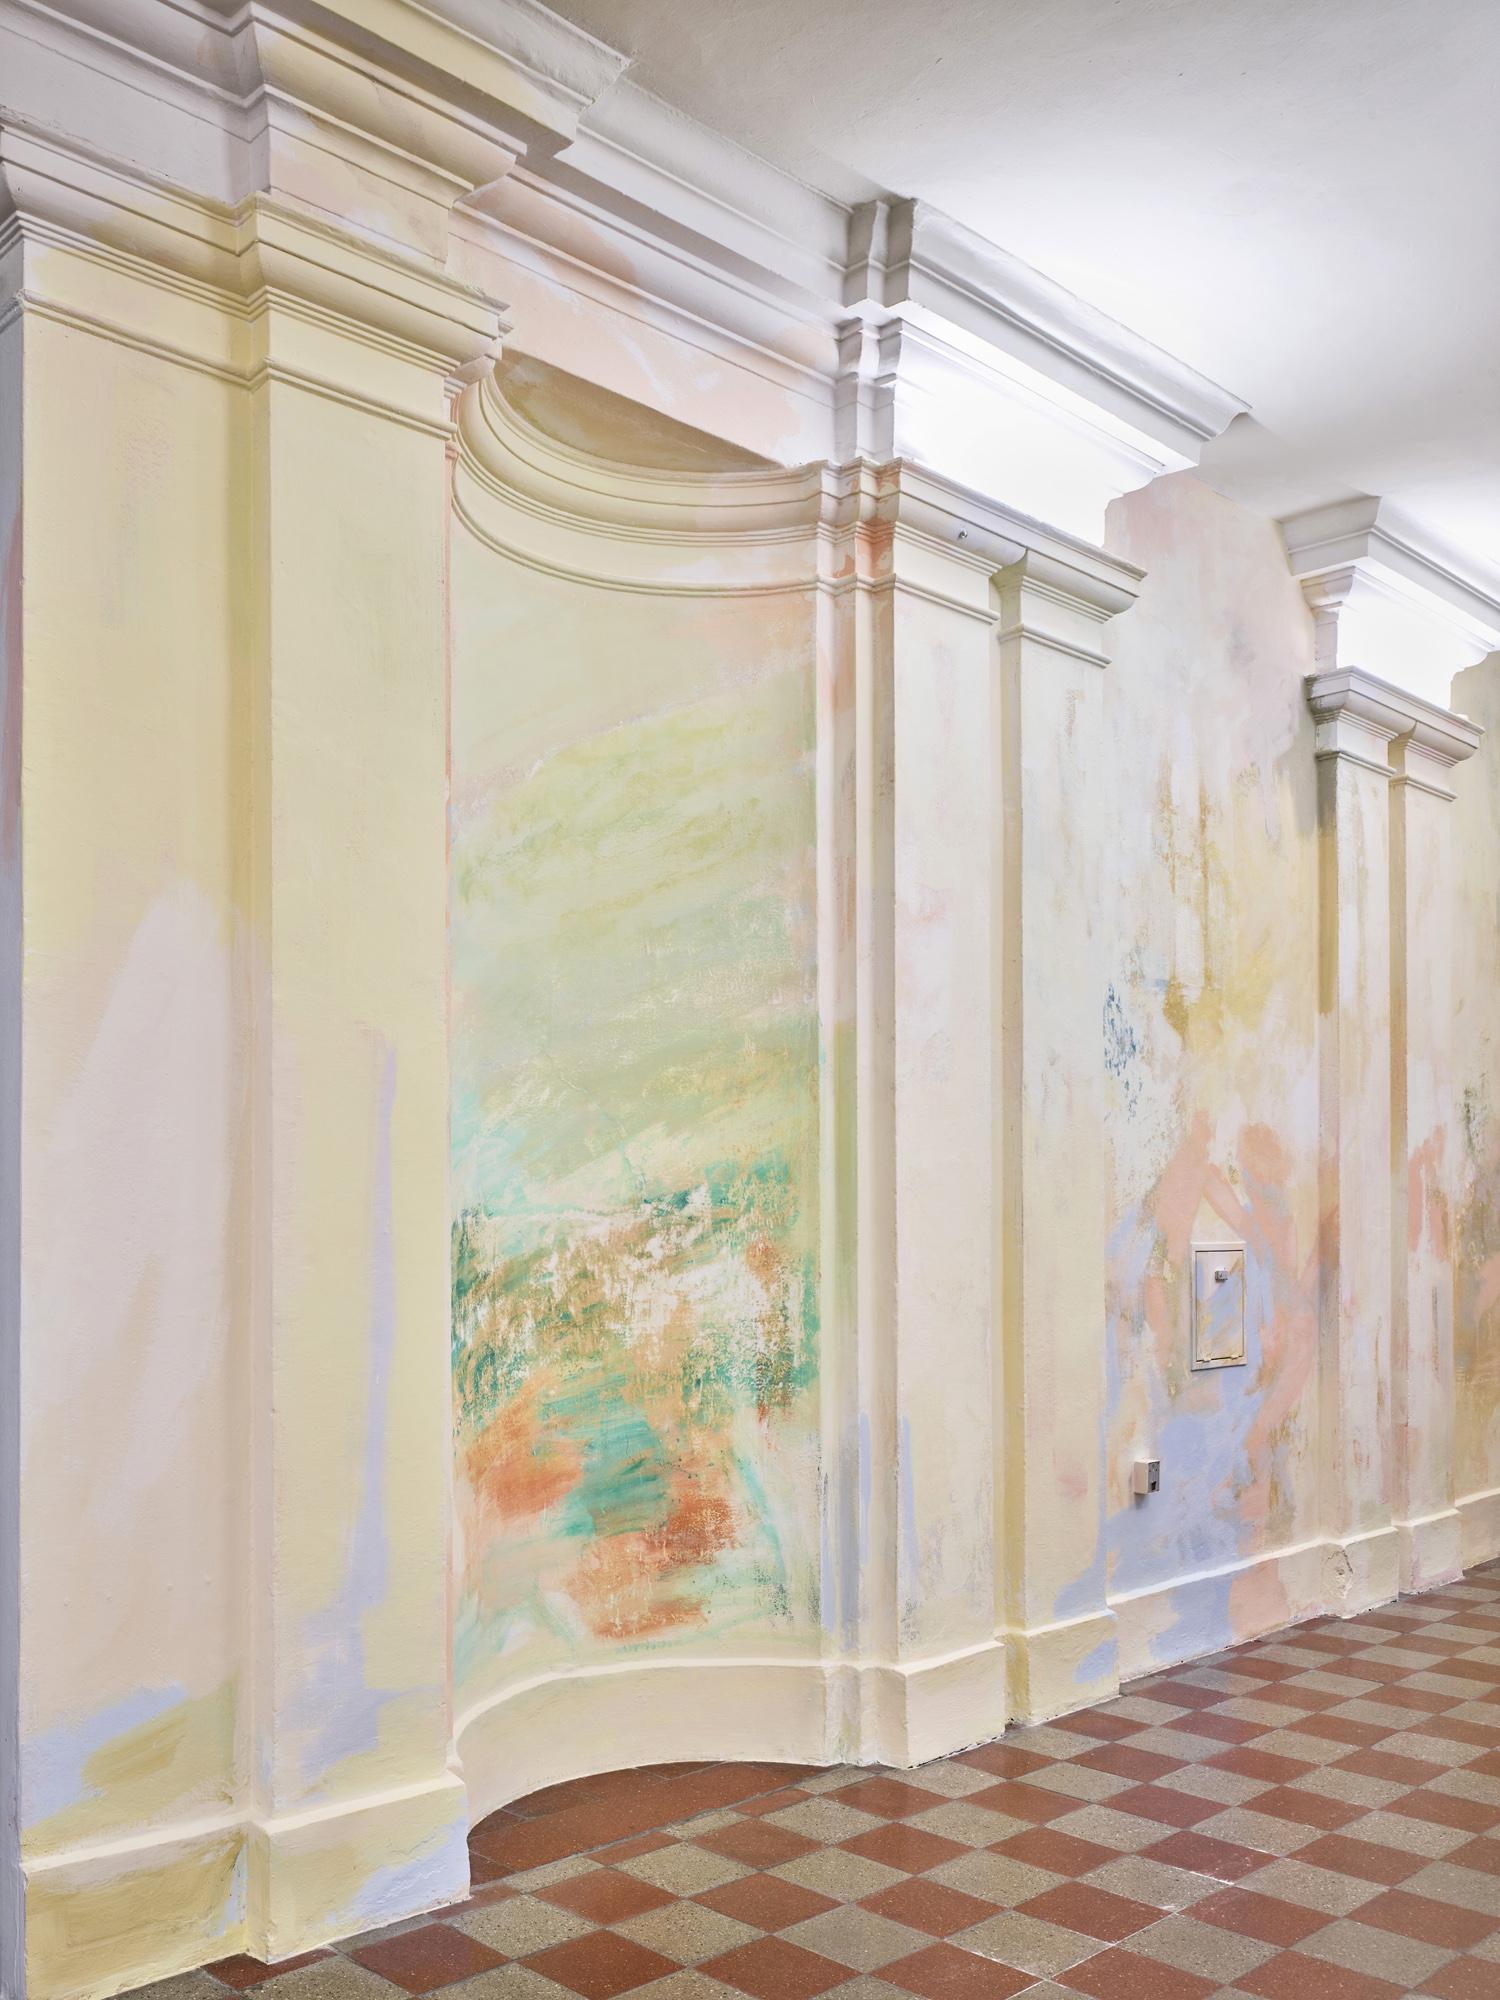 Ausstellungsansicht Megan Rooney 2020. Foto: Achim Kukulies, © Salzburger Kunstverein